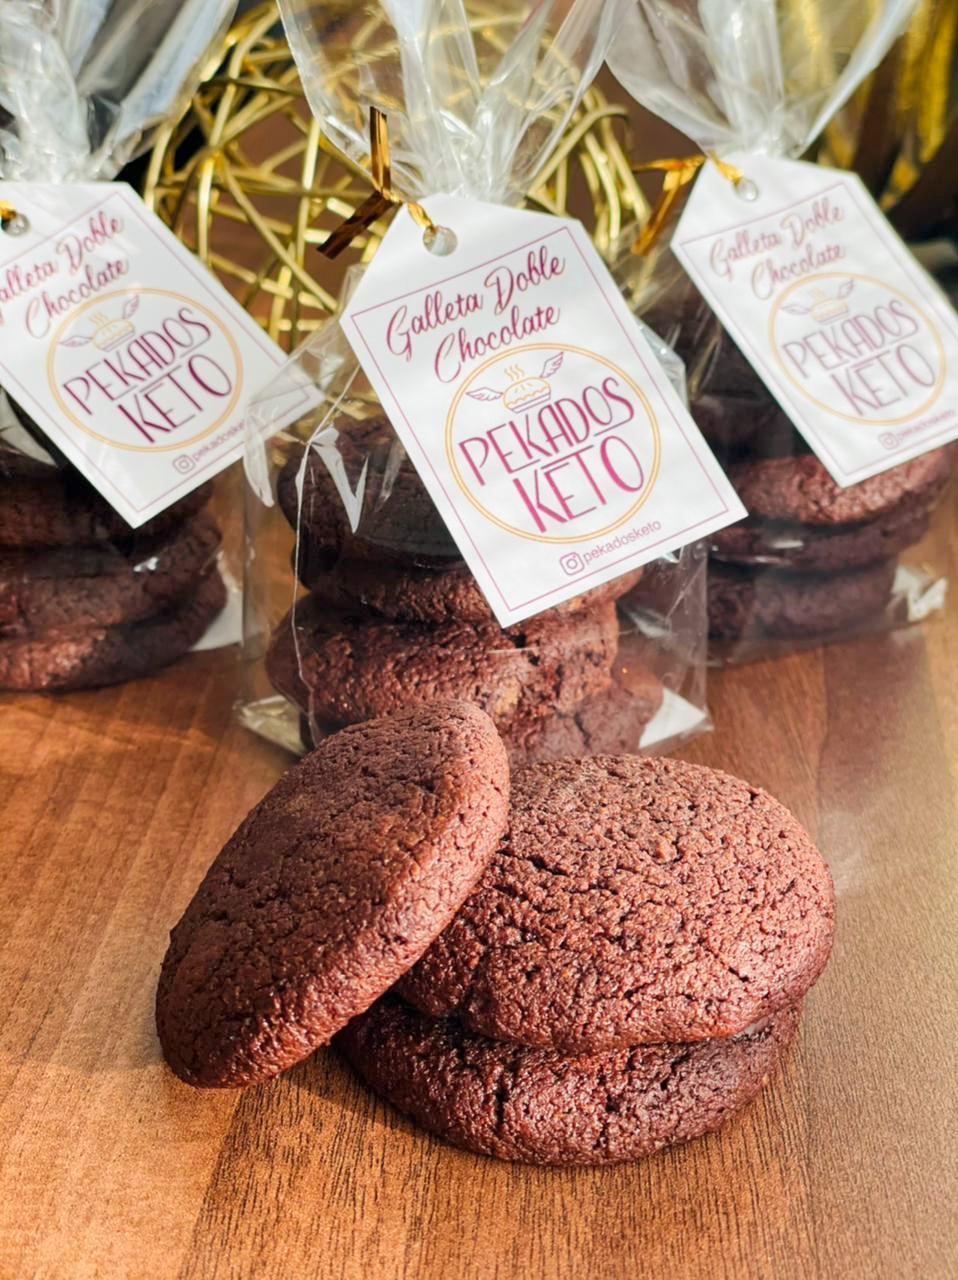 Doble Chocolate Pekados Keto